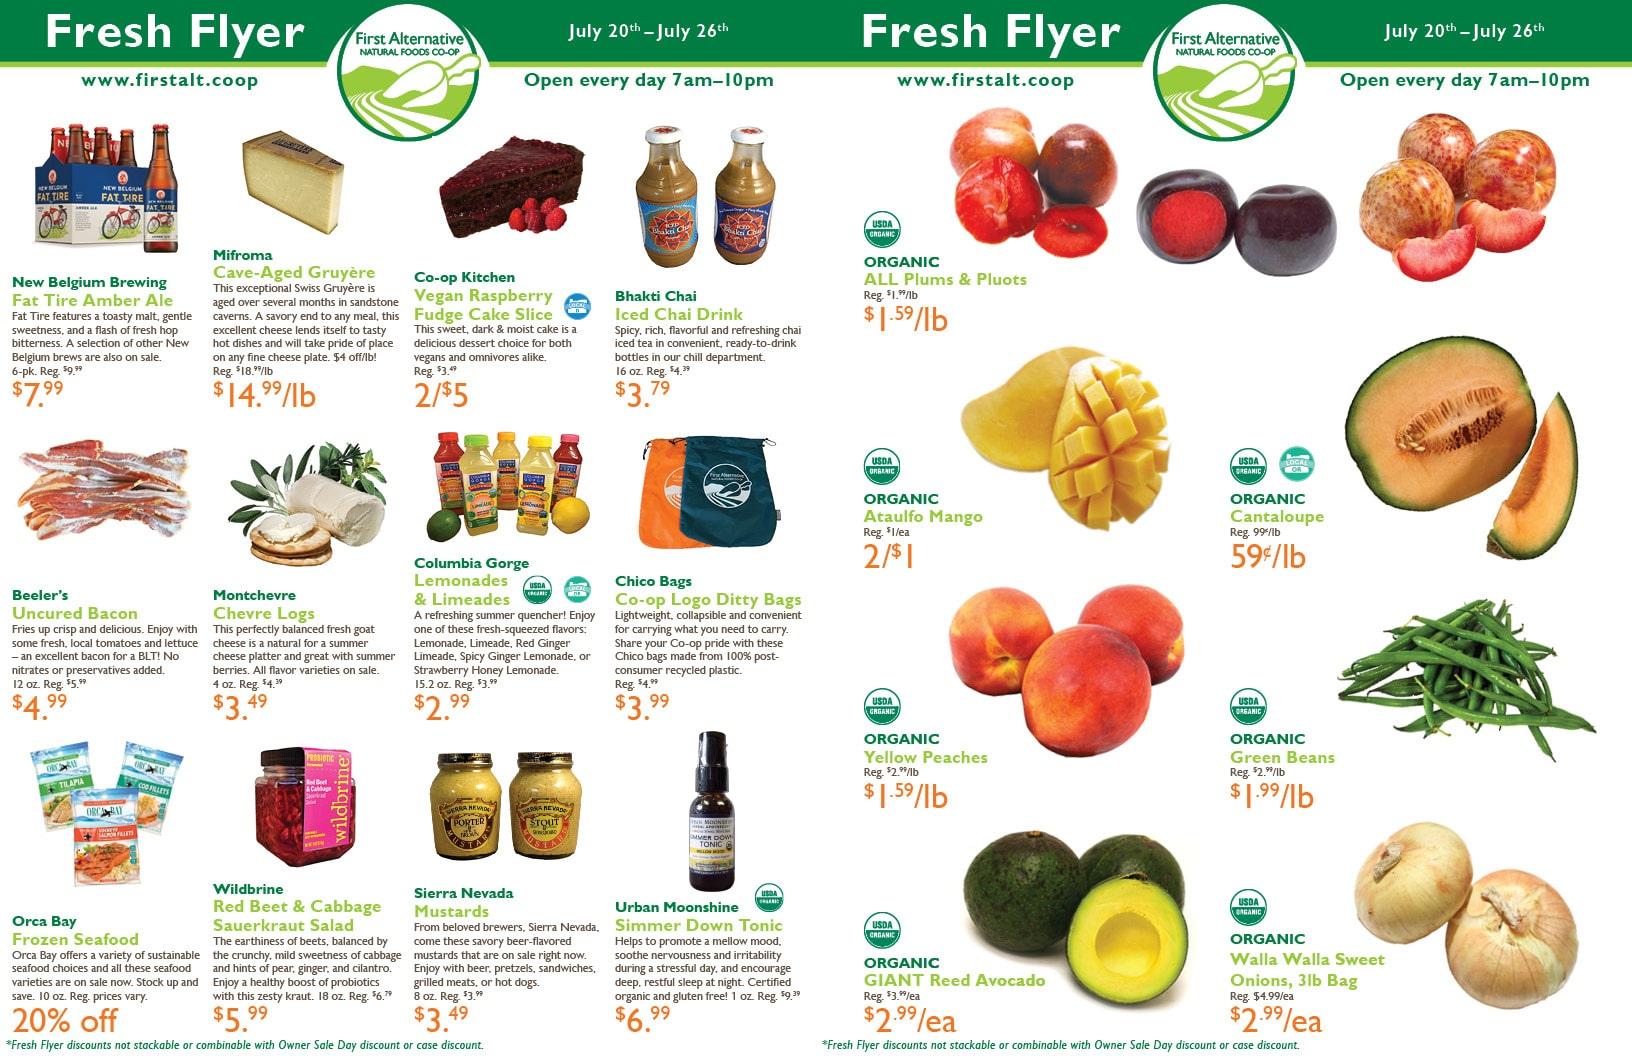 First Alternative Co-op Fresh Flyer July 20-26